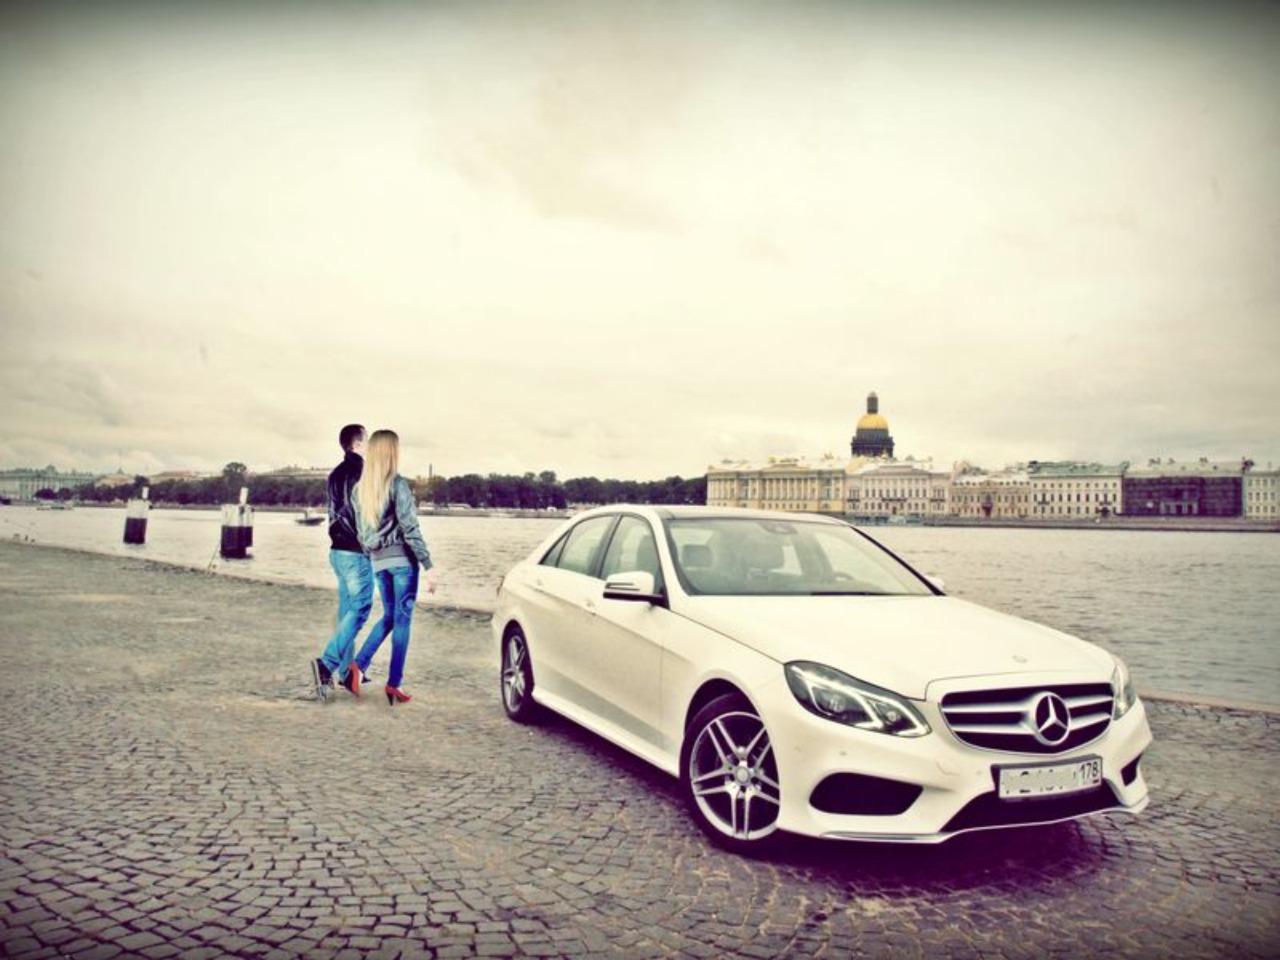 Петербург для влюбленных - индивидуальная экскурсия по Санкт-Петербургу от опытного гида